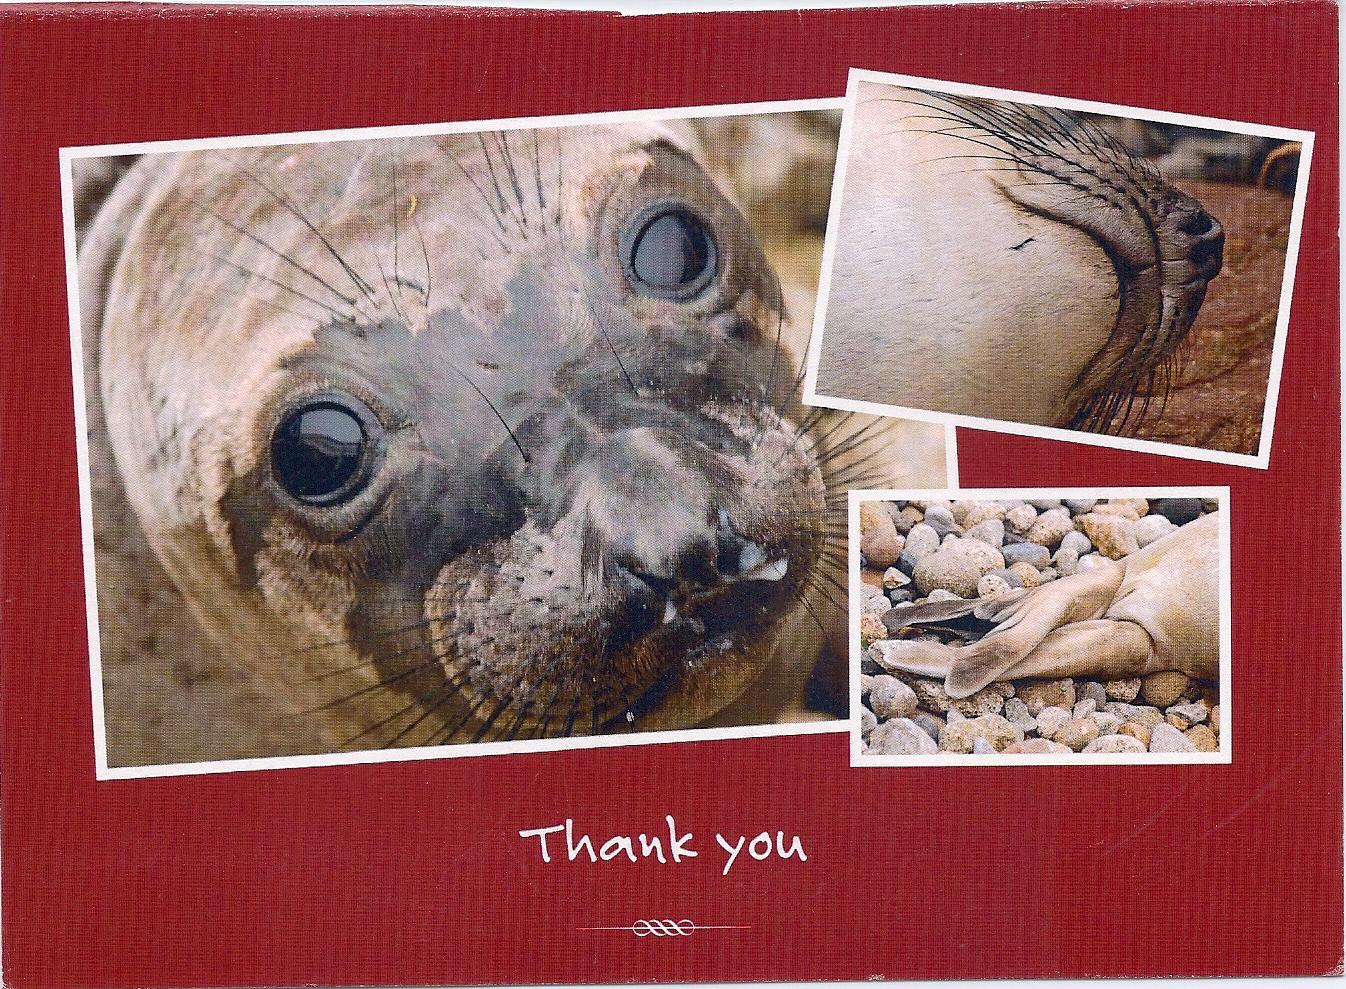 Pt Reyes Elephant seal